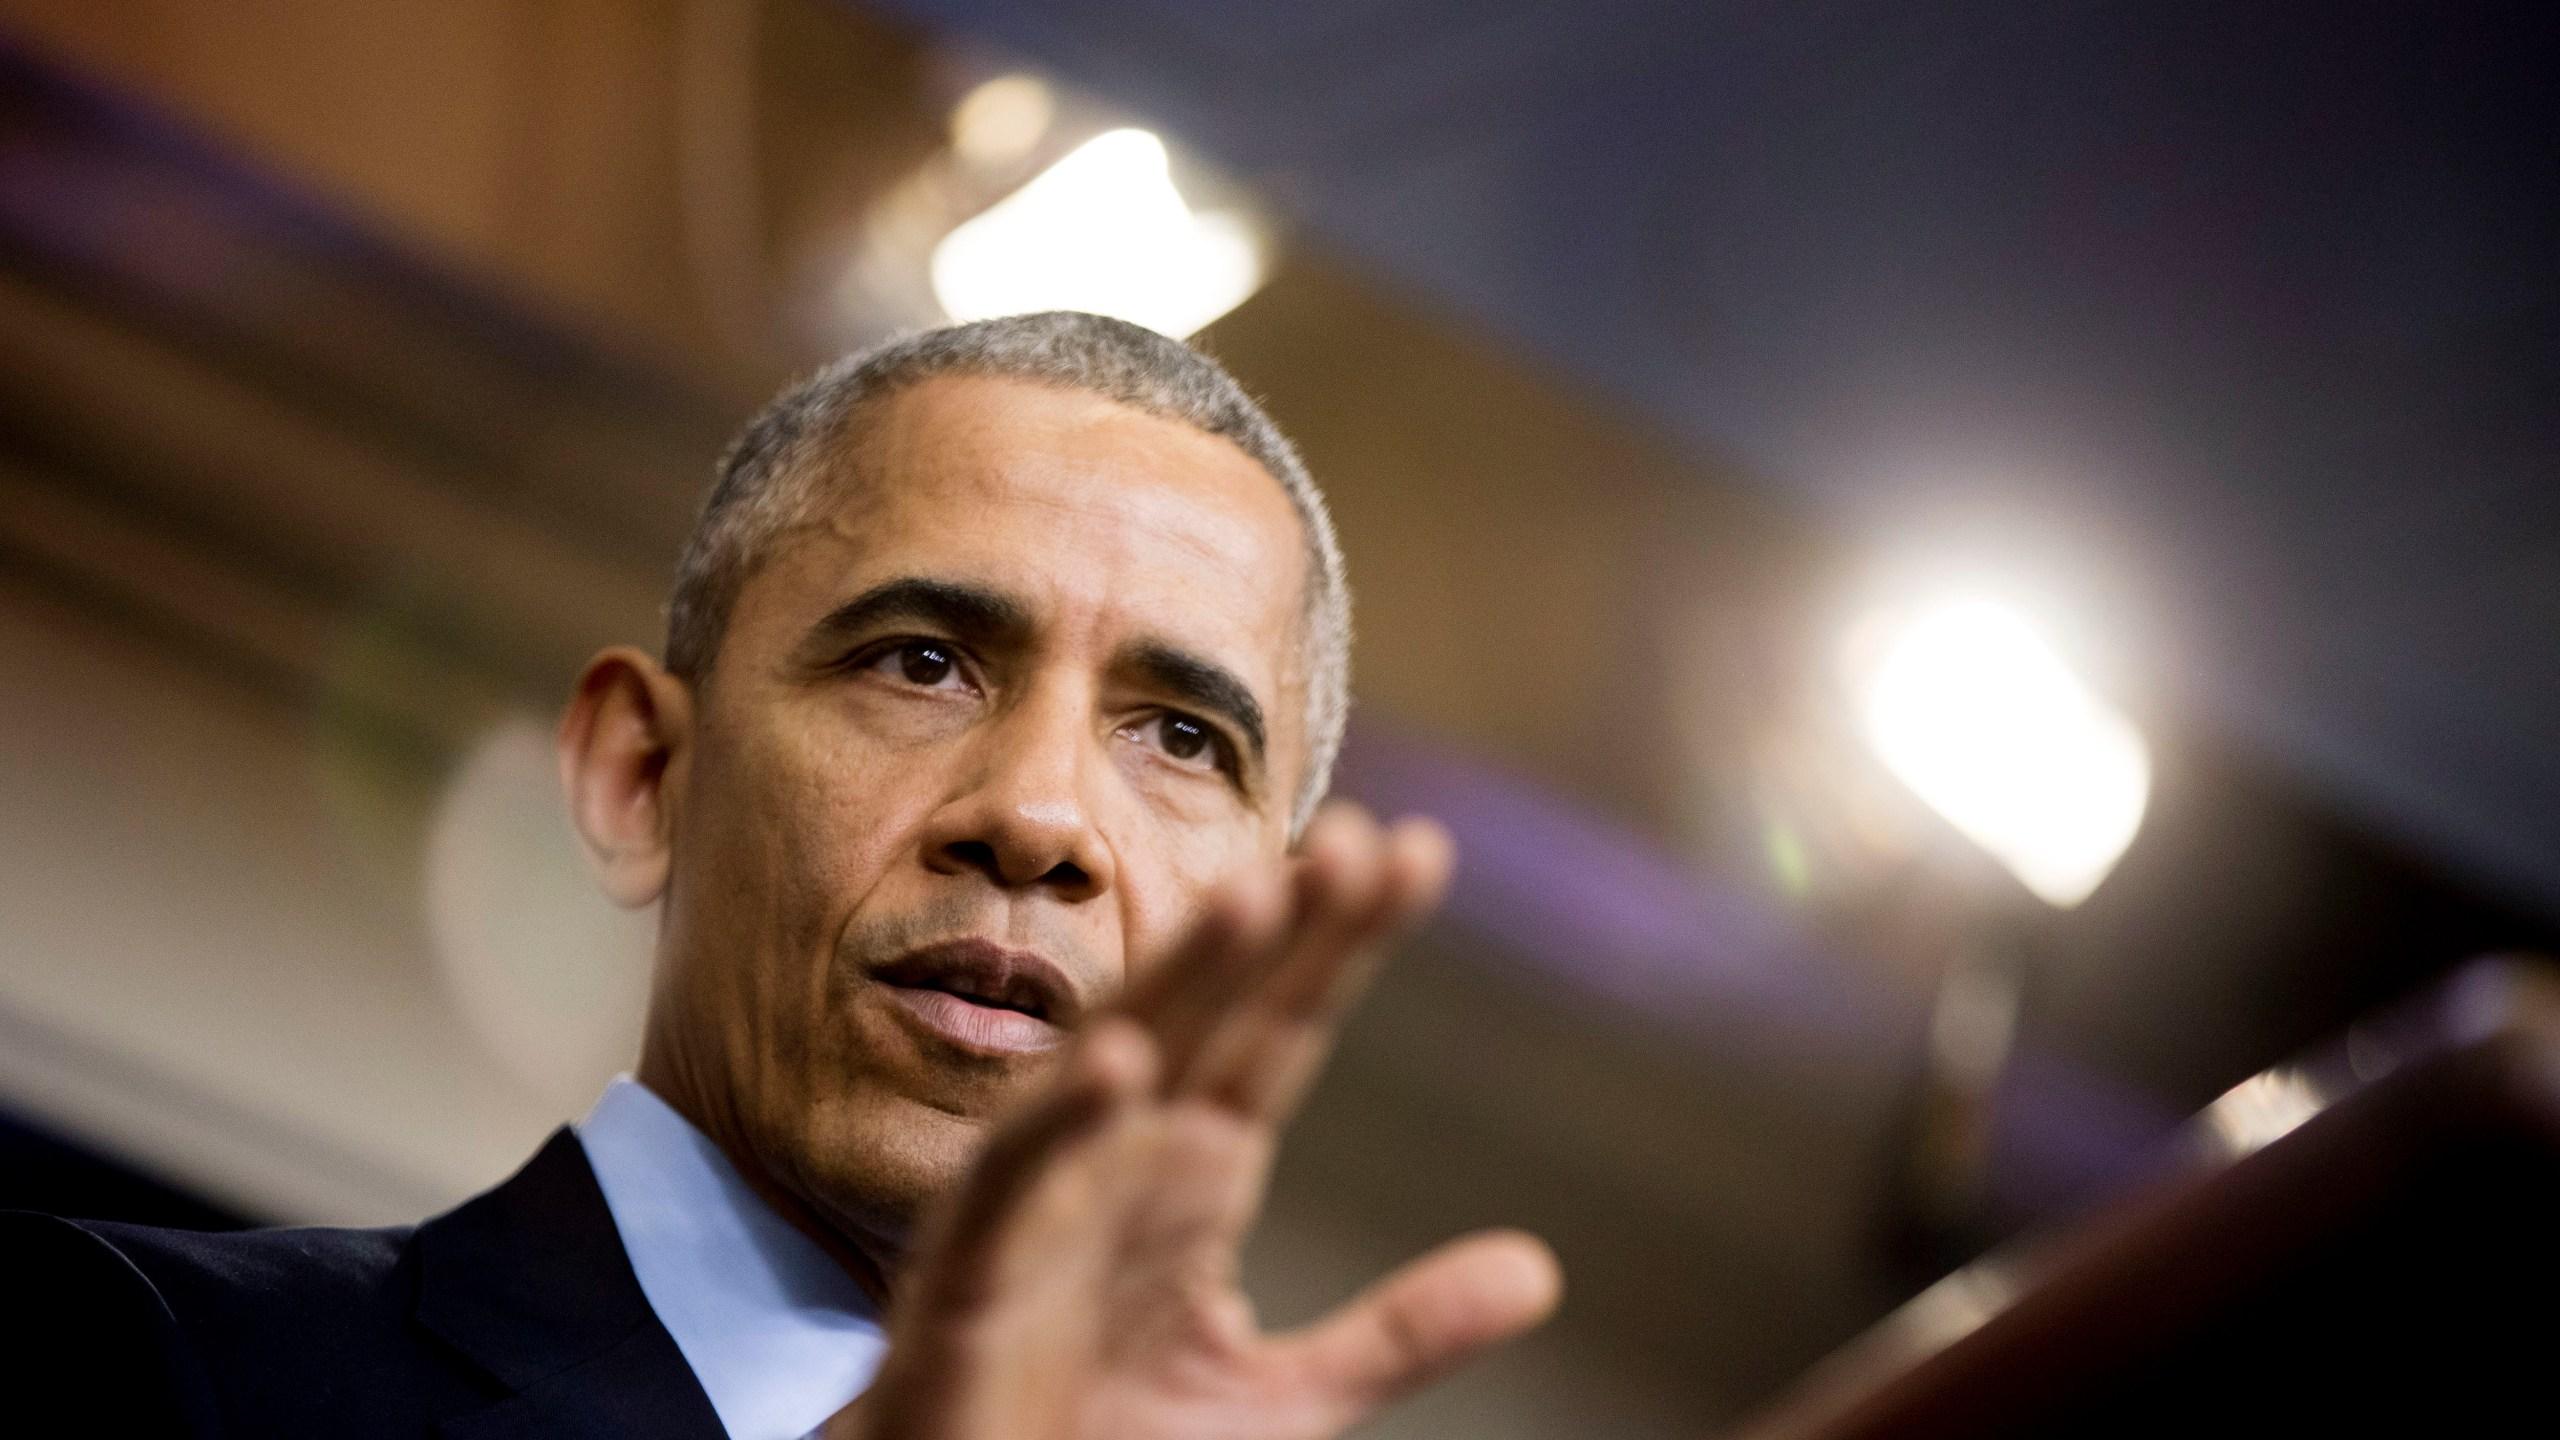 Immigration_Family_Detention_Obama_87398-159532.jpg11532239